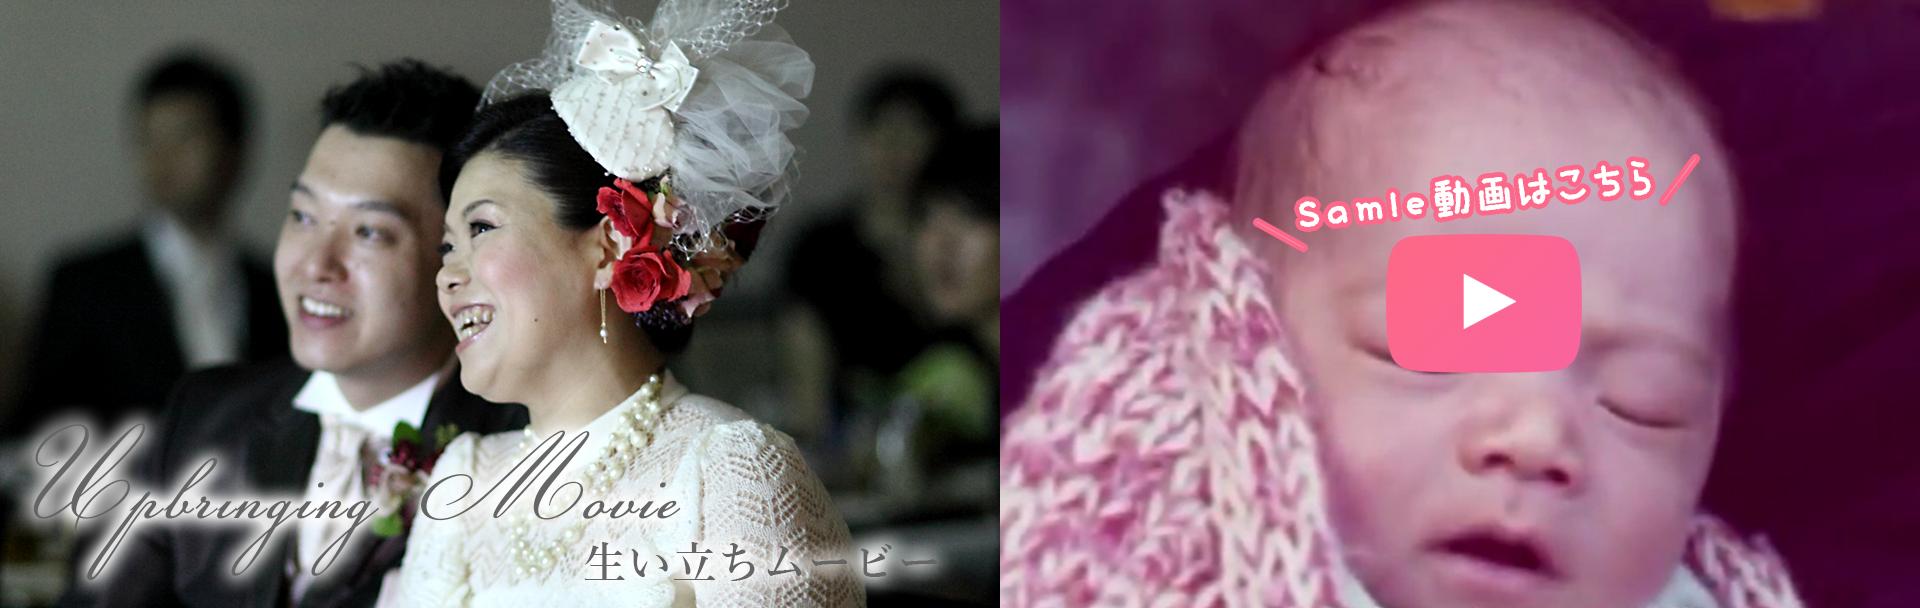 名古屋、愛知、岐阜県の結婚式の生い立ちムービー